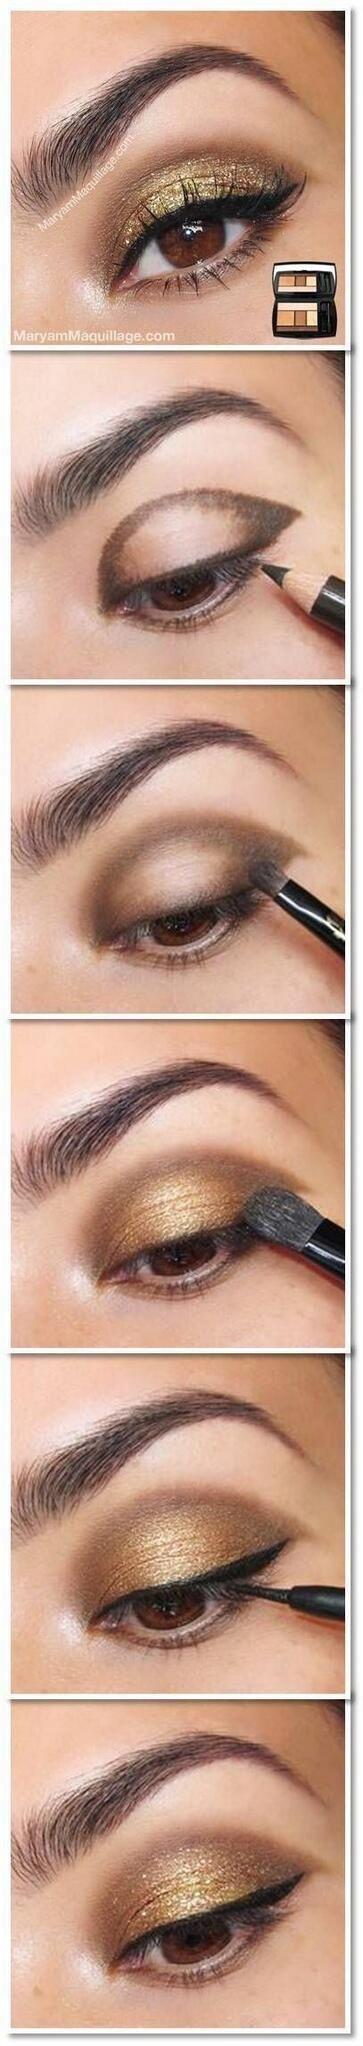 Golden bronze makeup